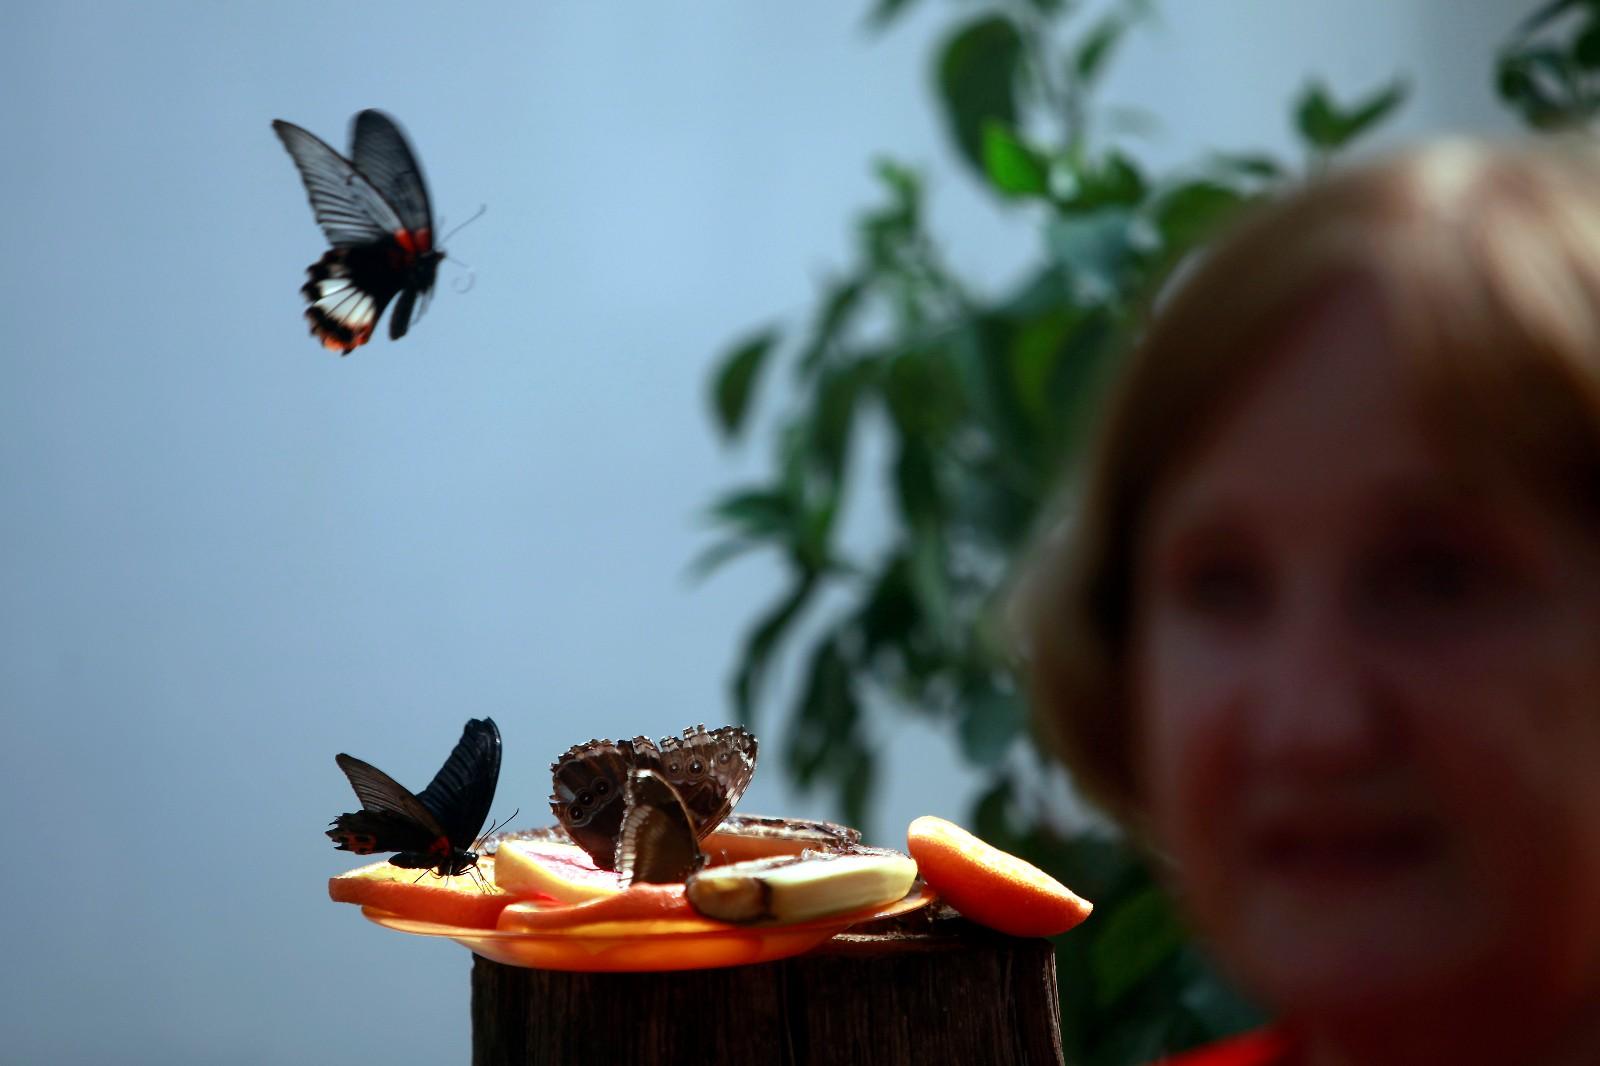 5月13日,在拉脱维亚的特尔维特蝴蝶园,一名游客在观赏蝴蝶。 特尔维特的蝴蝶园养殖有来自亚洲、南美洲和非洲的各种珍稀蝴蝶。 新华社/欧新